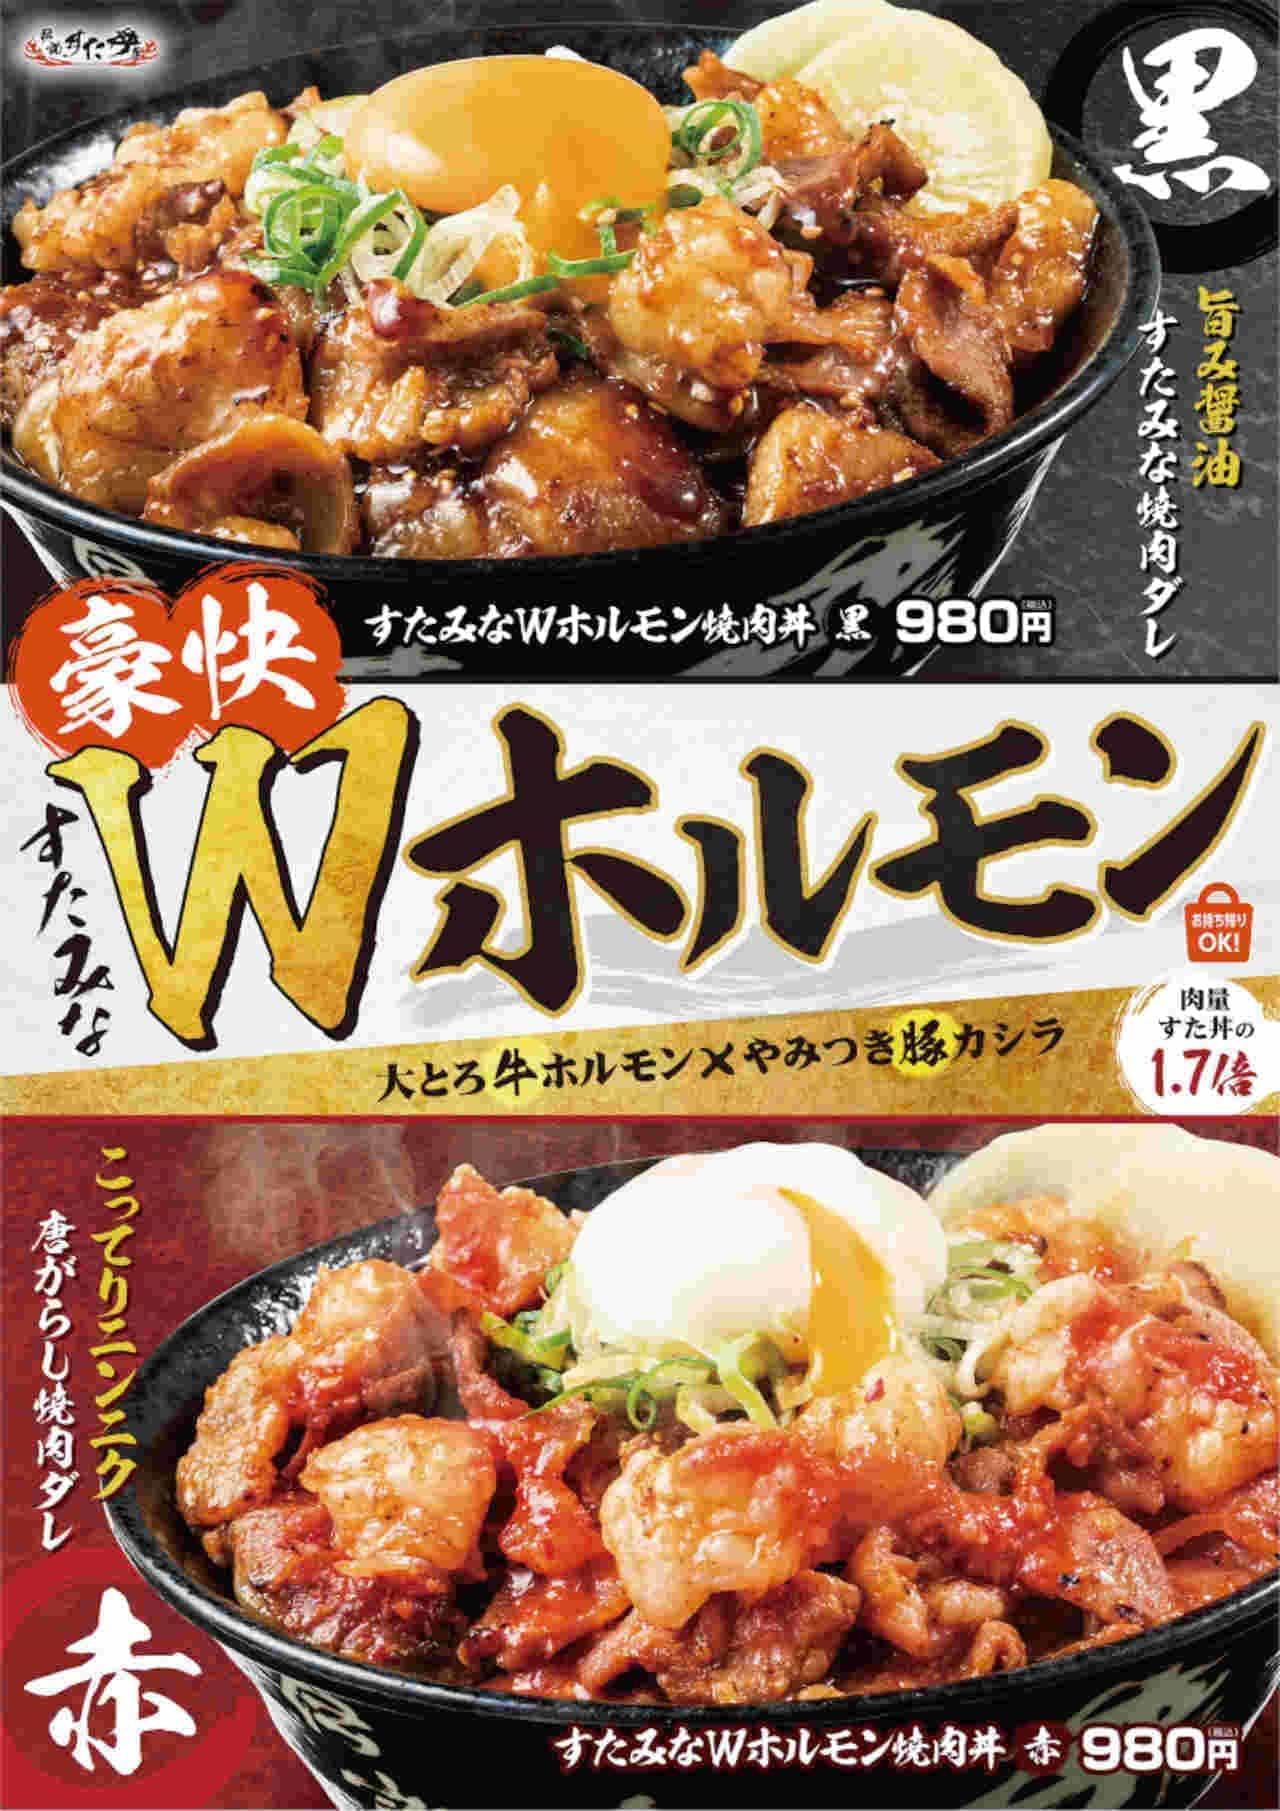 伝説のすた丼屋「すたみなWホルモン焼肉丼 黒」「すたみなWホルモン焼肉丼 赤」